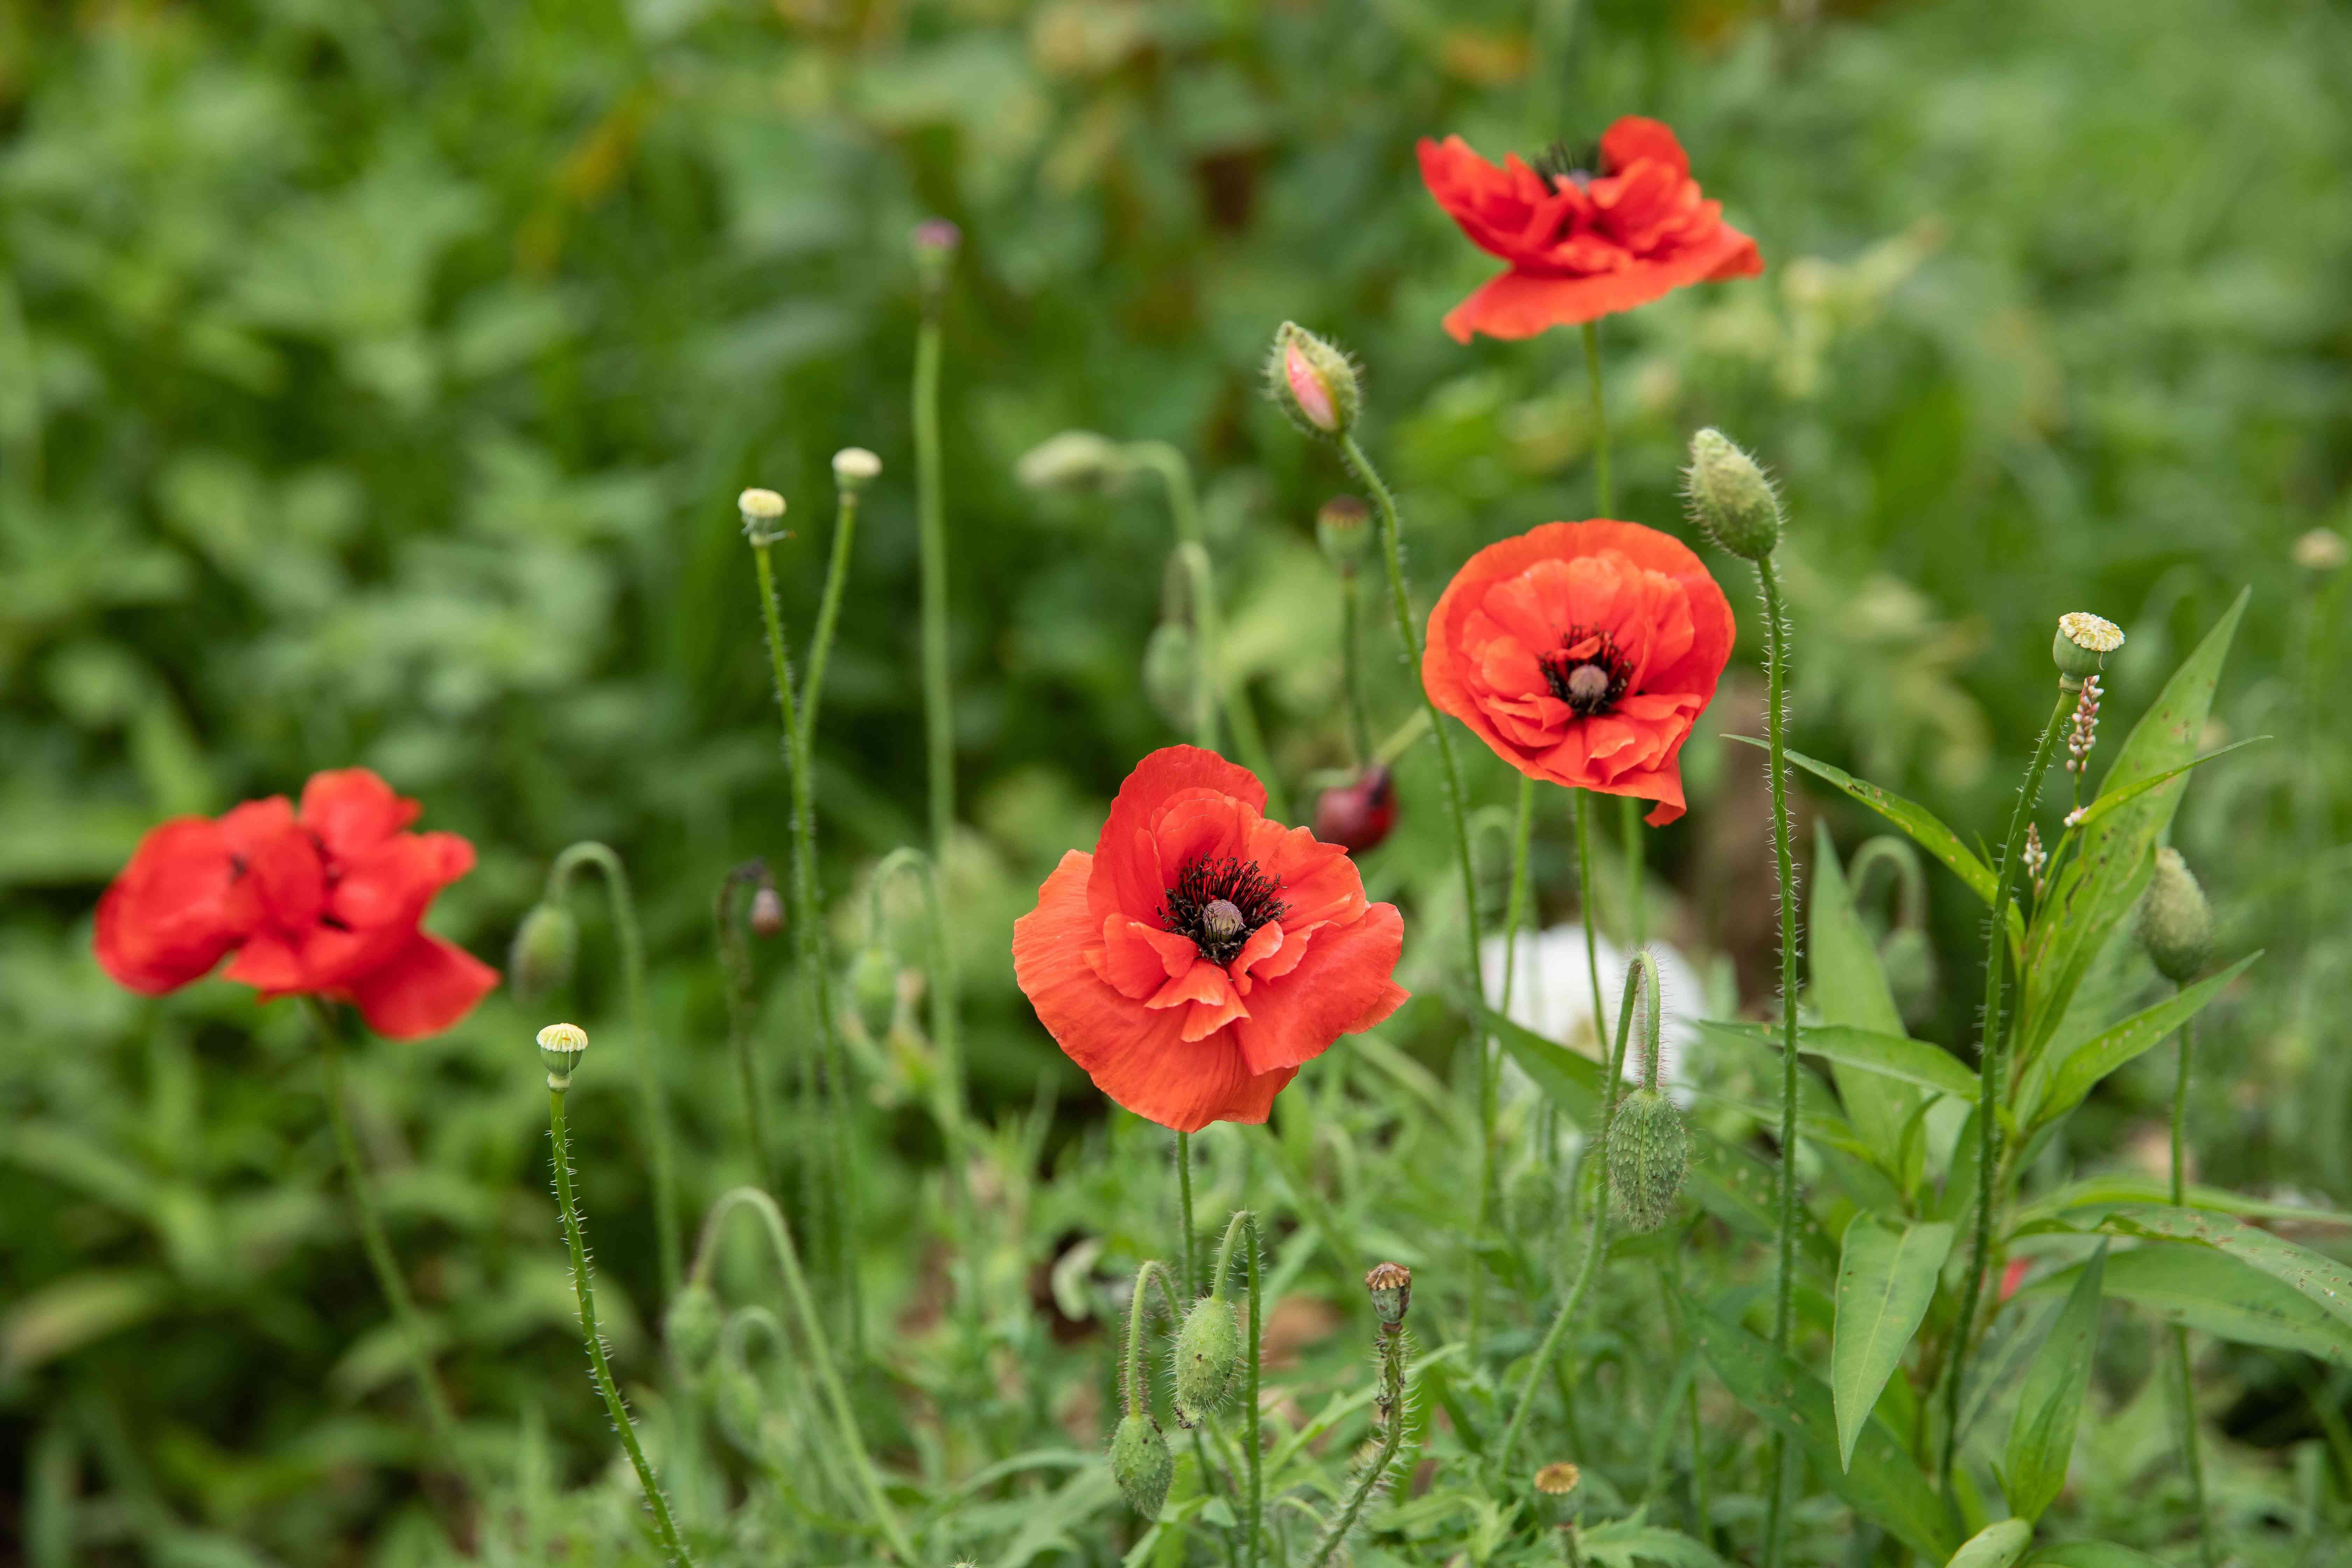 Oriental poppy flowers with round bright orange colored petals in garden